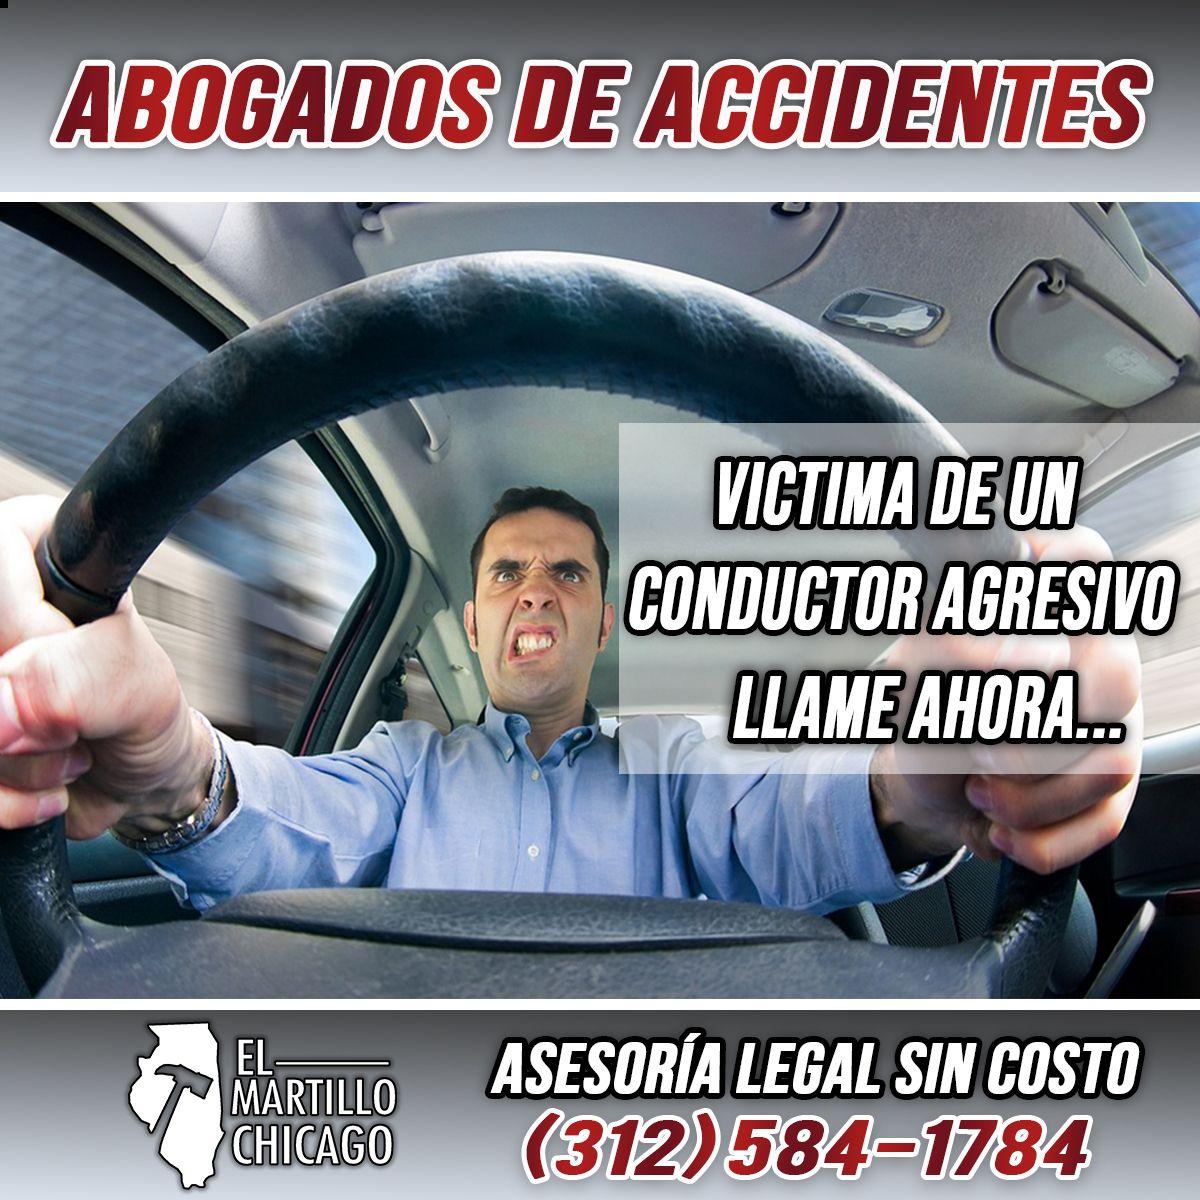 Abogados de accidentes > abogados de accidentes de auto > sacramento ca. Abogado de Accidente de Auto en Chicago | Incoming call